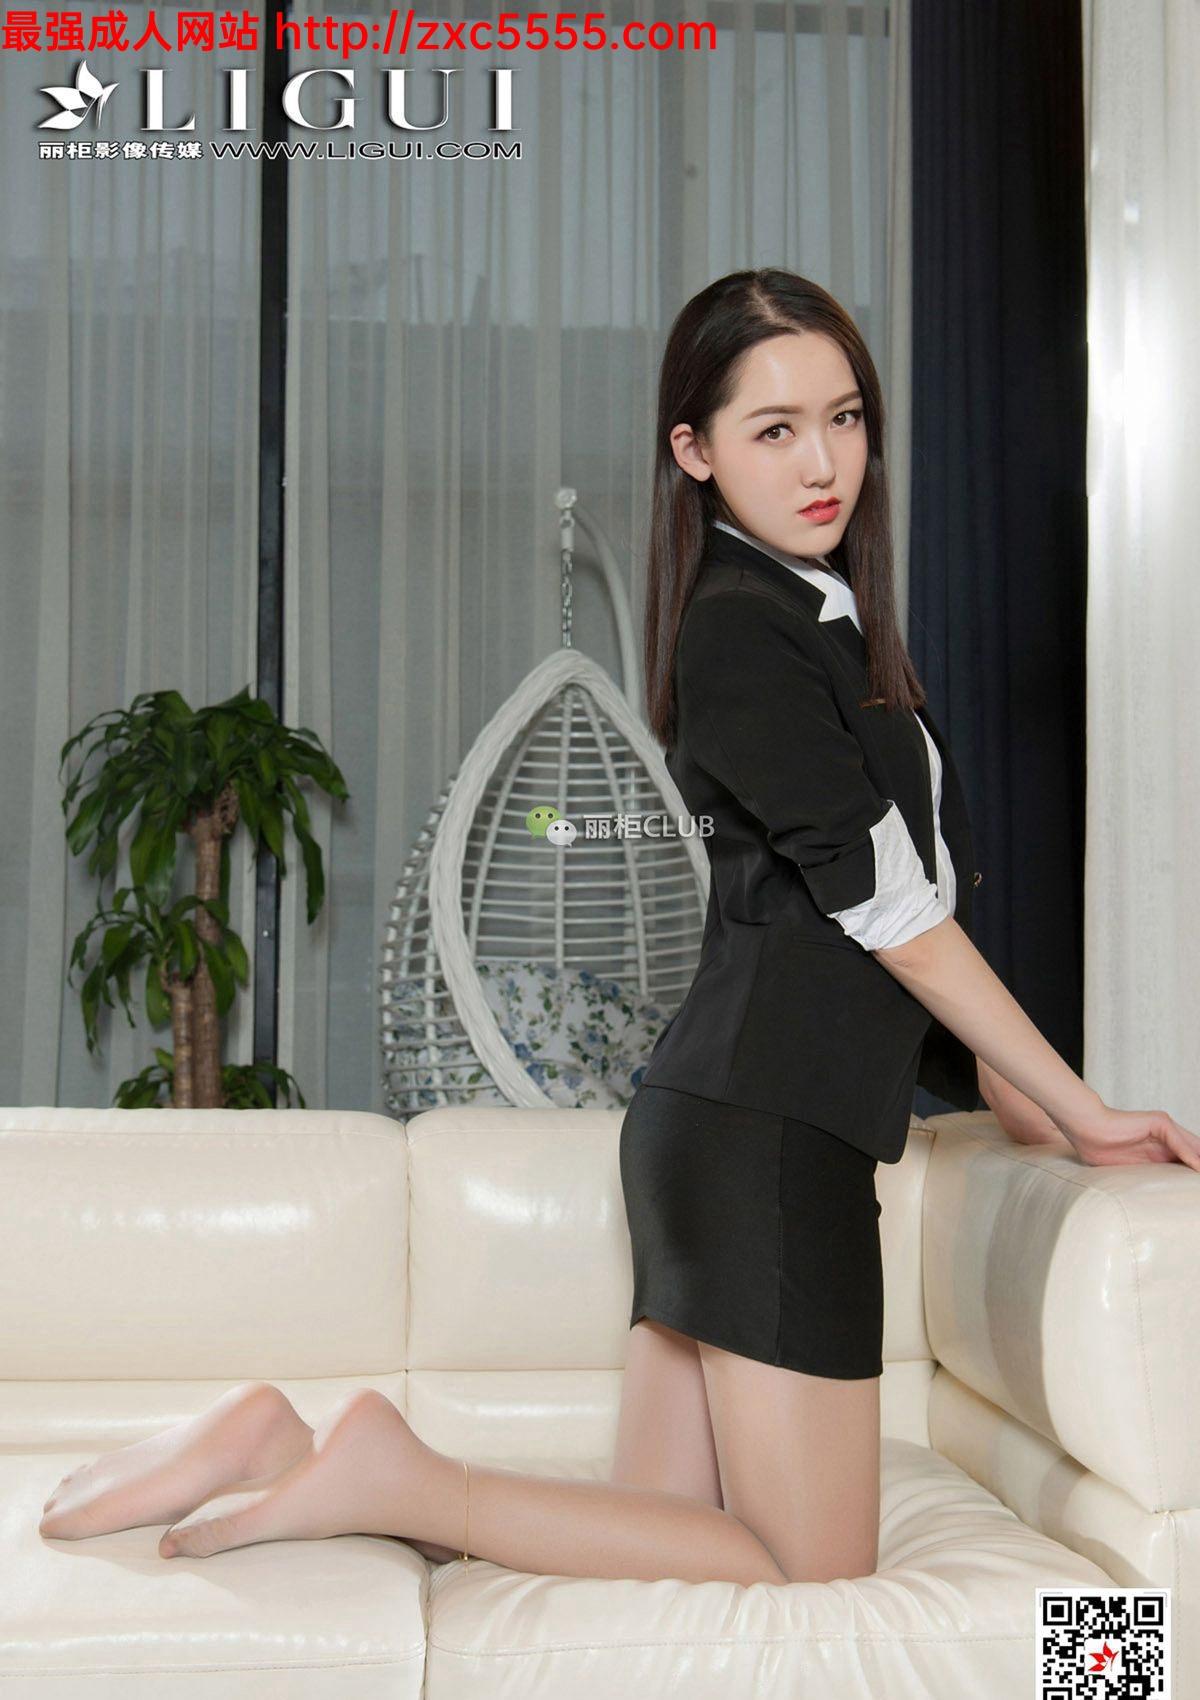 色中色制服丝袜_美女模特性感肉色丝袜美腿制服诱惑写真集【48P】_丝袜诱惑-一级